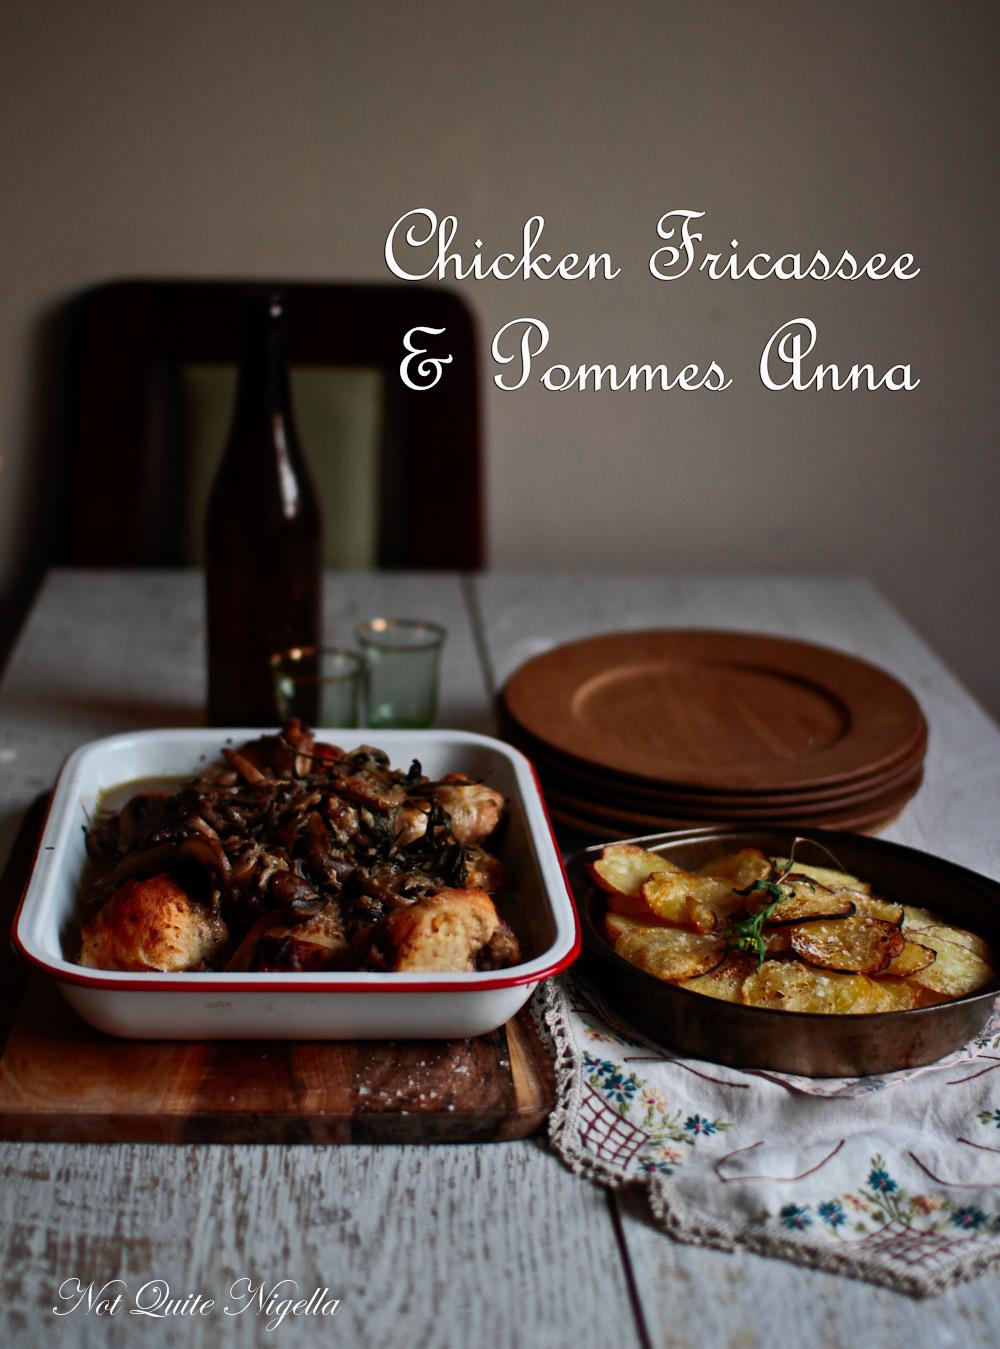 Chicken Fricassee Pommes Anna